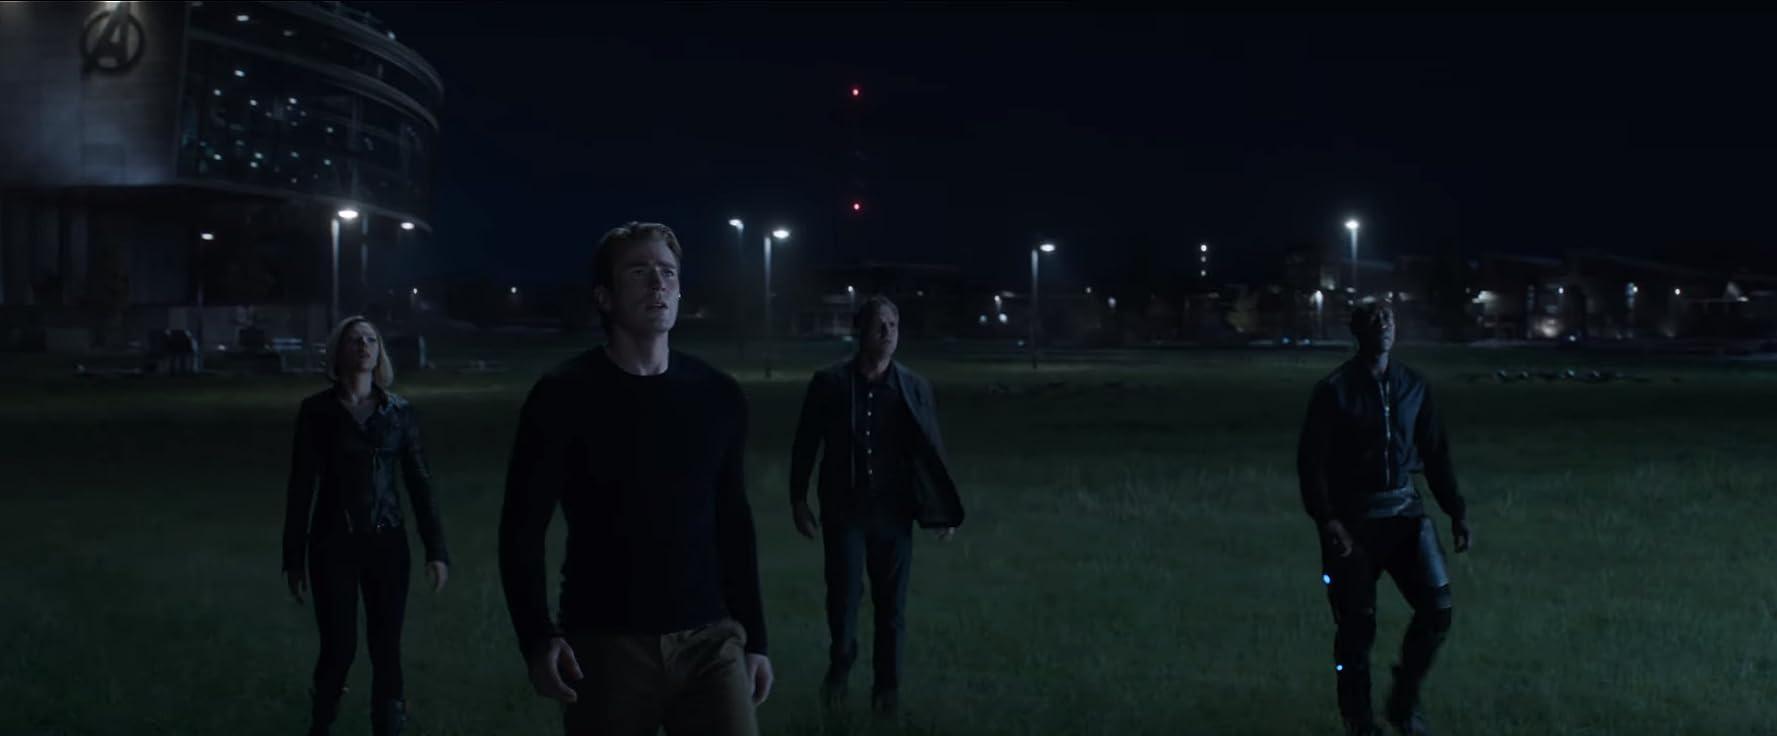 Don Cheadle, Chris Evans, Scarlett Johansson, and Mark Ruffalo in Avengers: Endgame (2019)